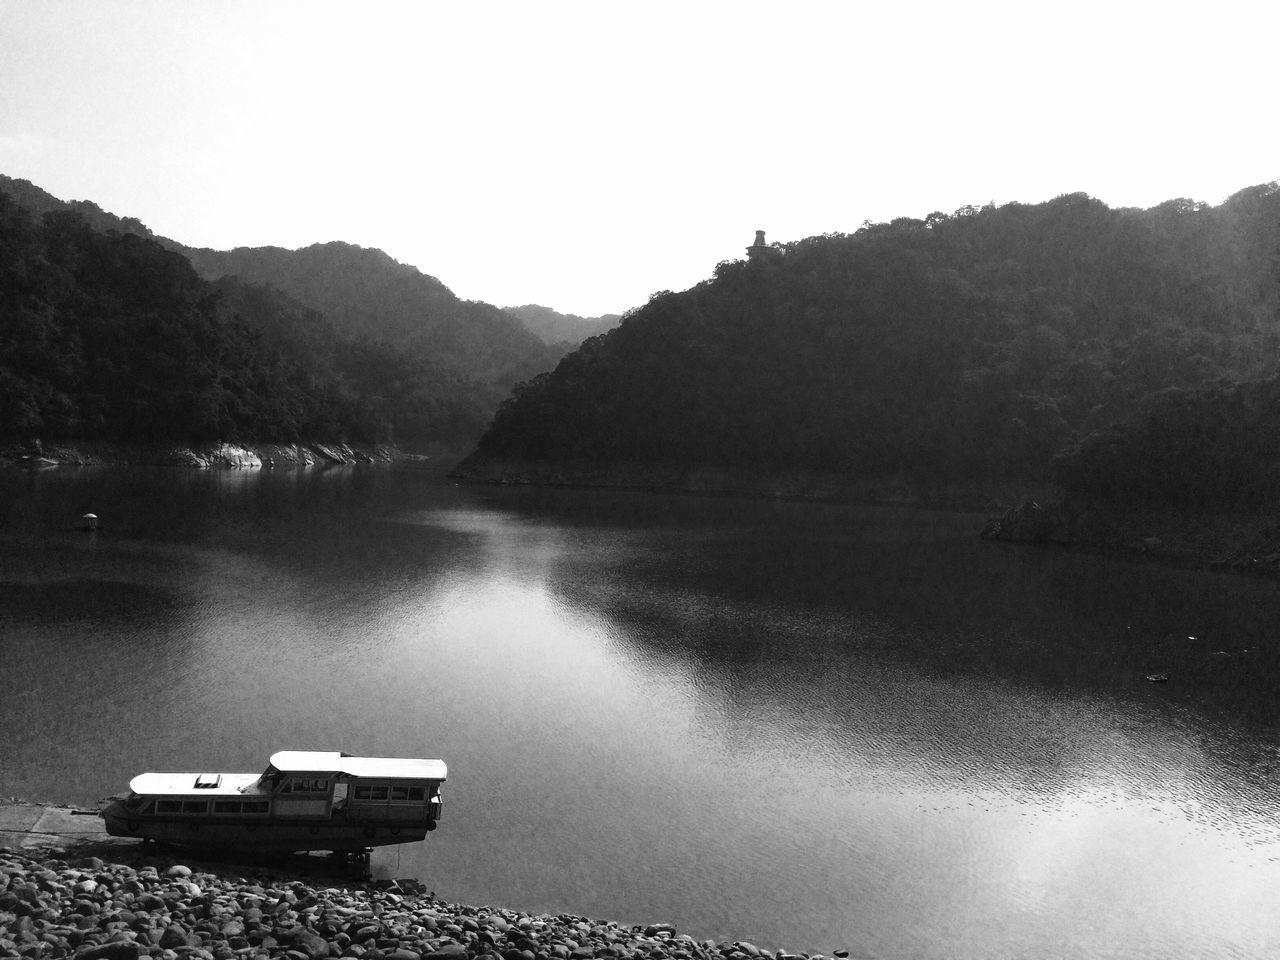 Inkandwash Ink Blackandwhite Mountains Water_collection Taiwan EyeEm Nature Lover Zen Oriental Getting Inspired